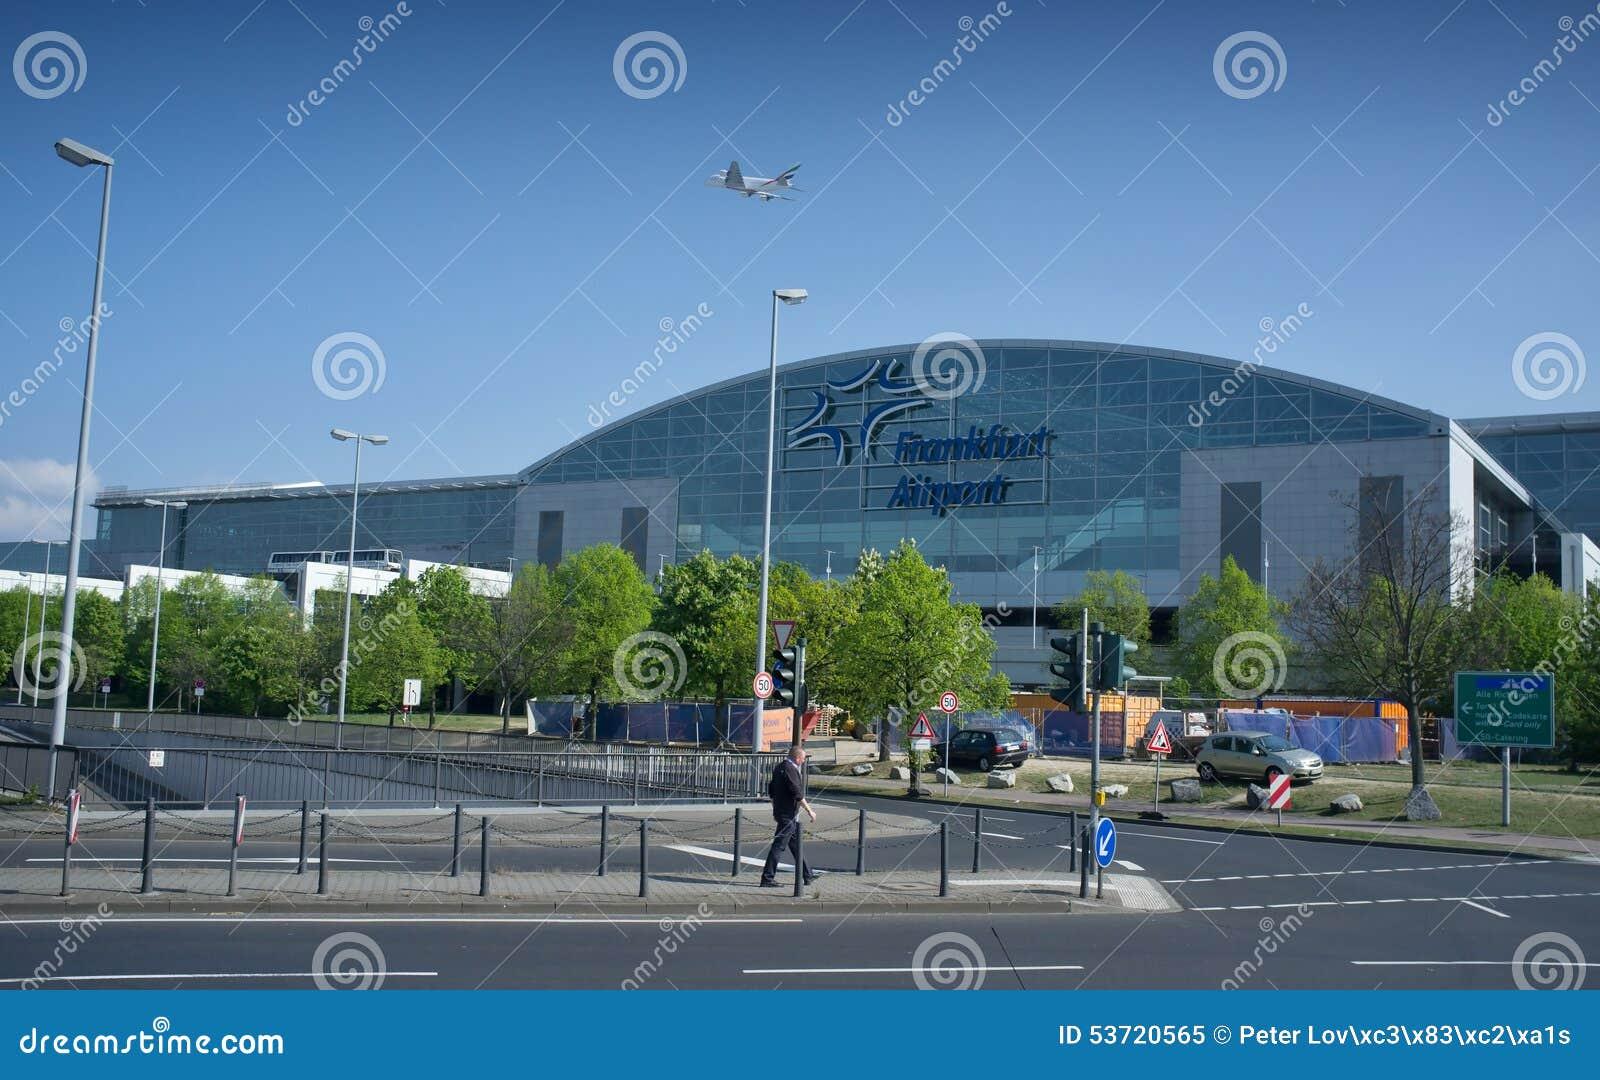 Terminale di aeroporto di Francoforte 2 - costruzione moderna